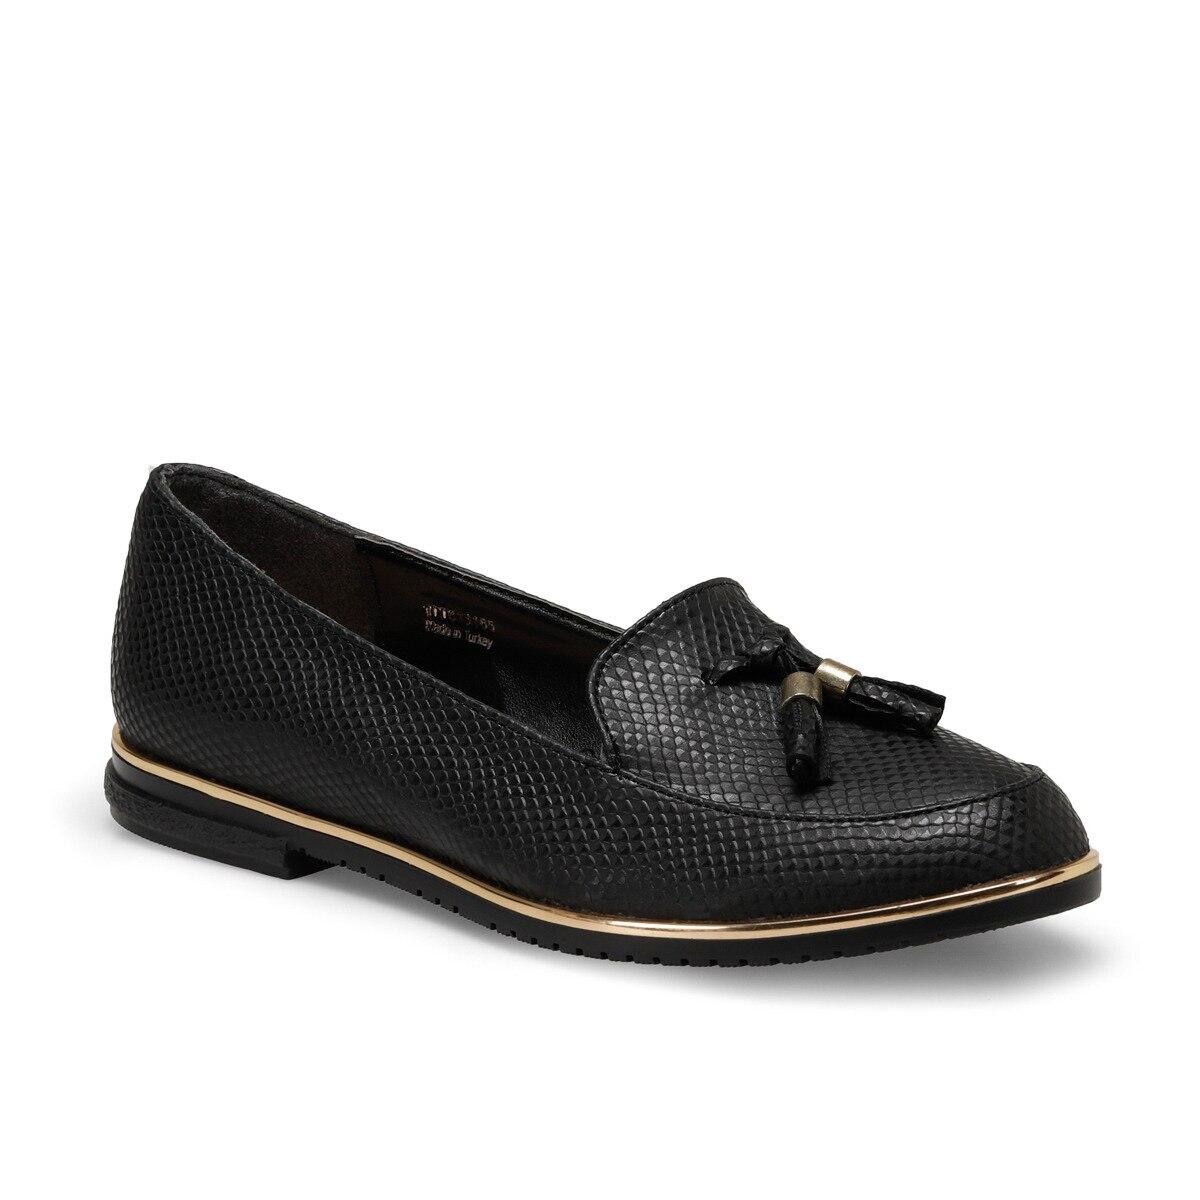 FLO DS18019-19IY Black Women Loafer Shoes BUTIGO